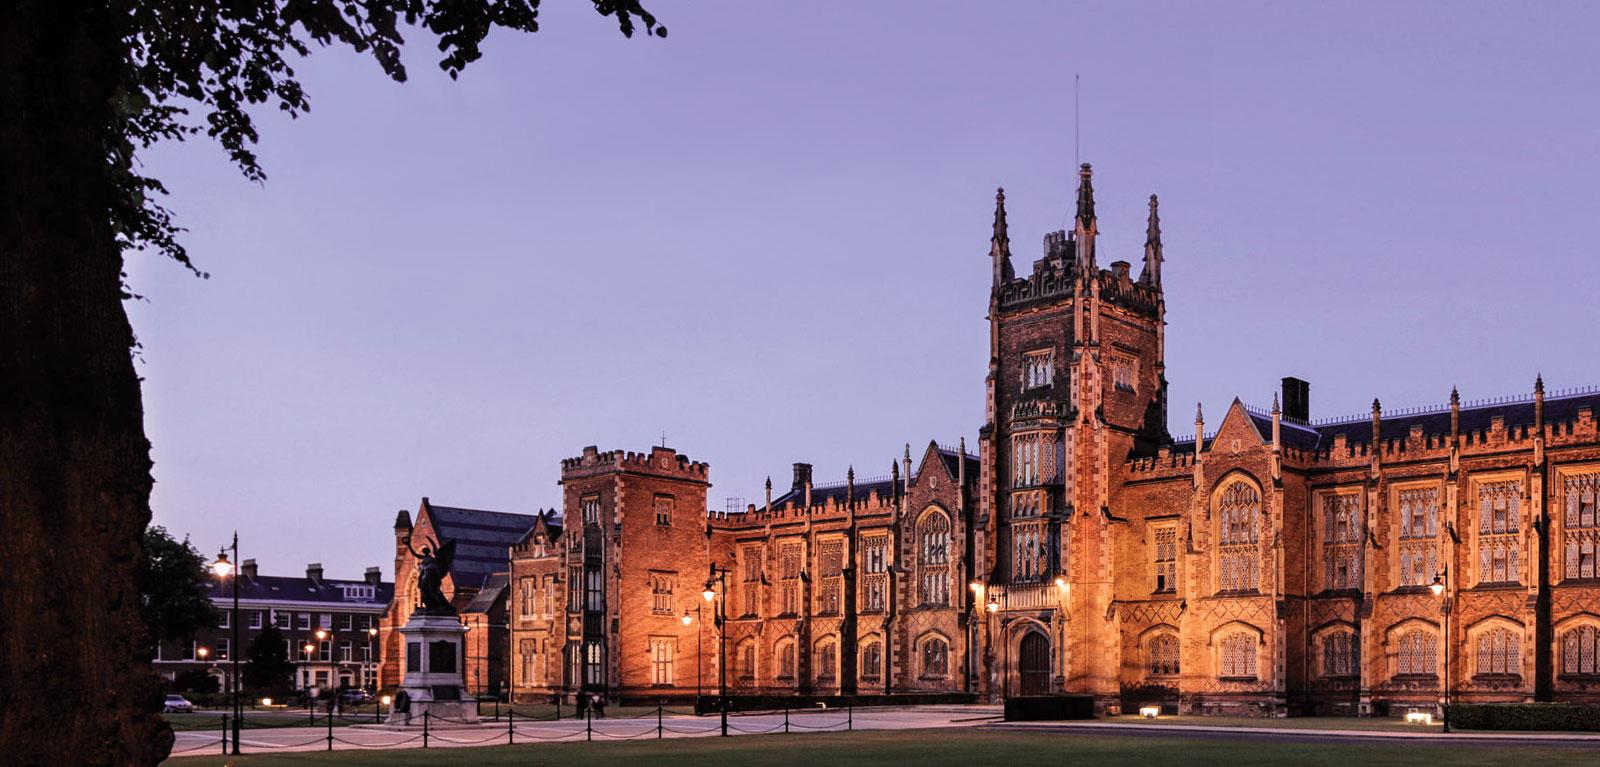 QUEEN UNIVERSITY BELFAST - 1 trong những trường đại học hàng đầu thế giới trong lĩnh vực nghiên cứu